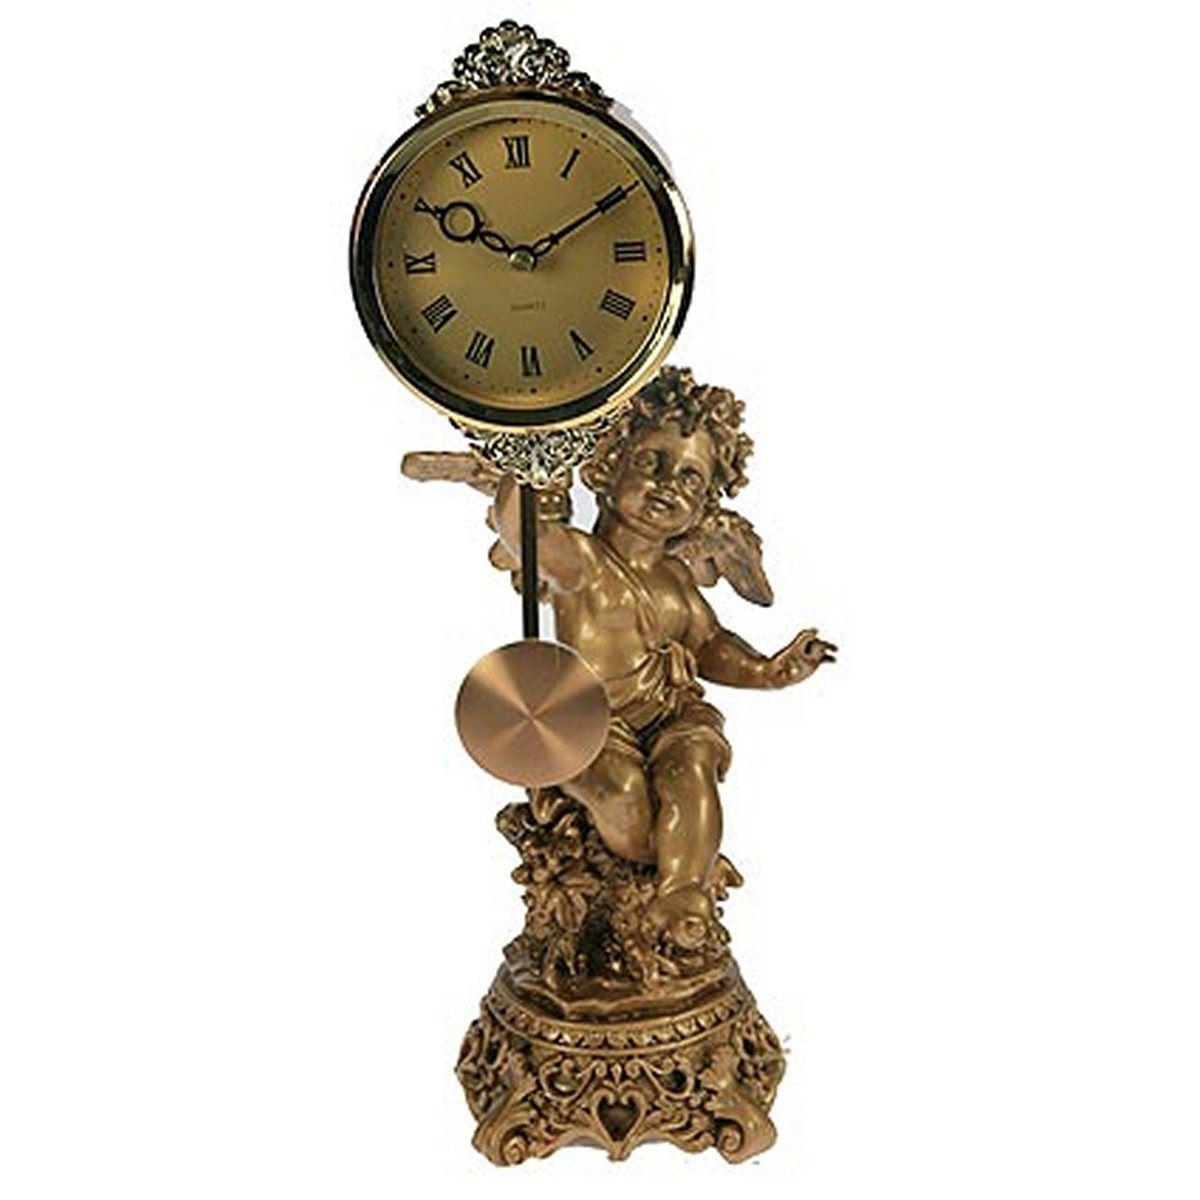 Часы настольные Русские Подарки Ангел, цвет: медный, 39 х 16 х 18 см. 59338 ваза русские подарки винтаж высота 31 см 123710